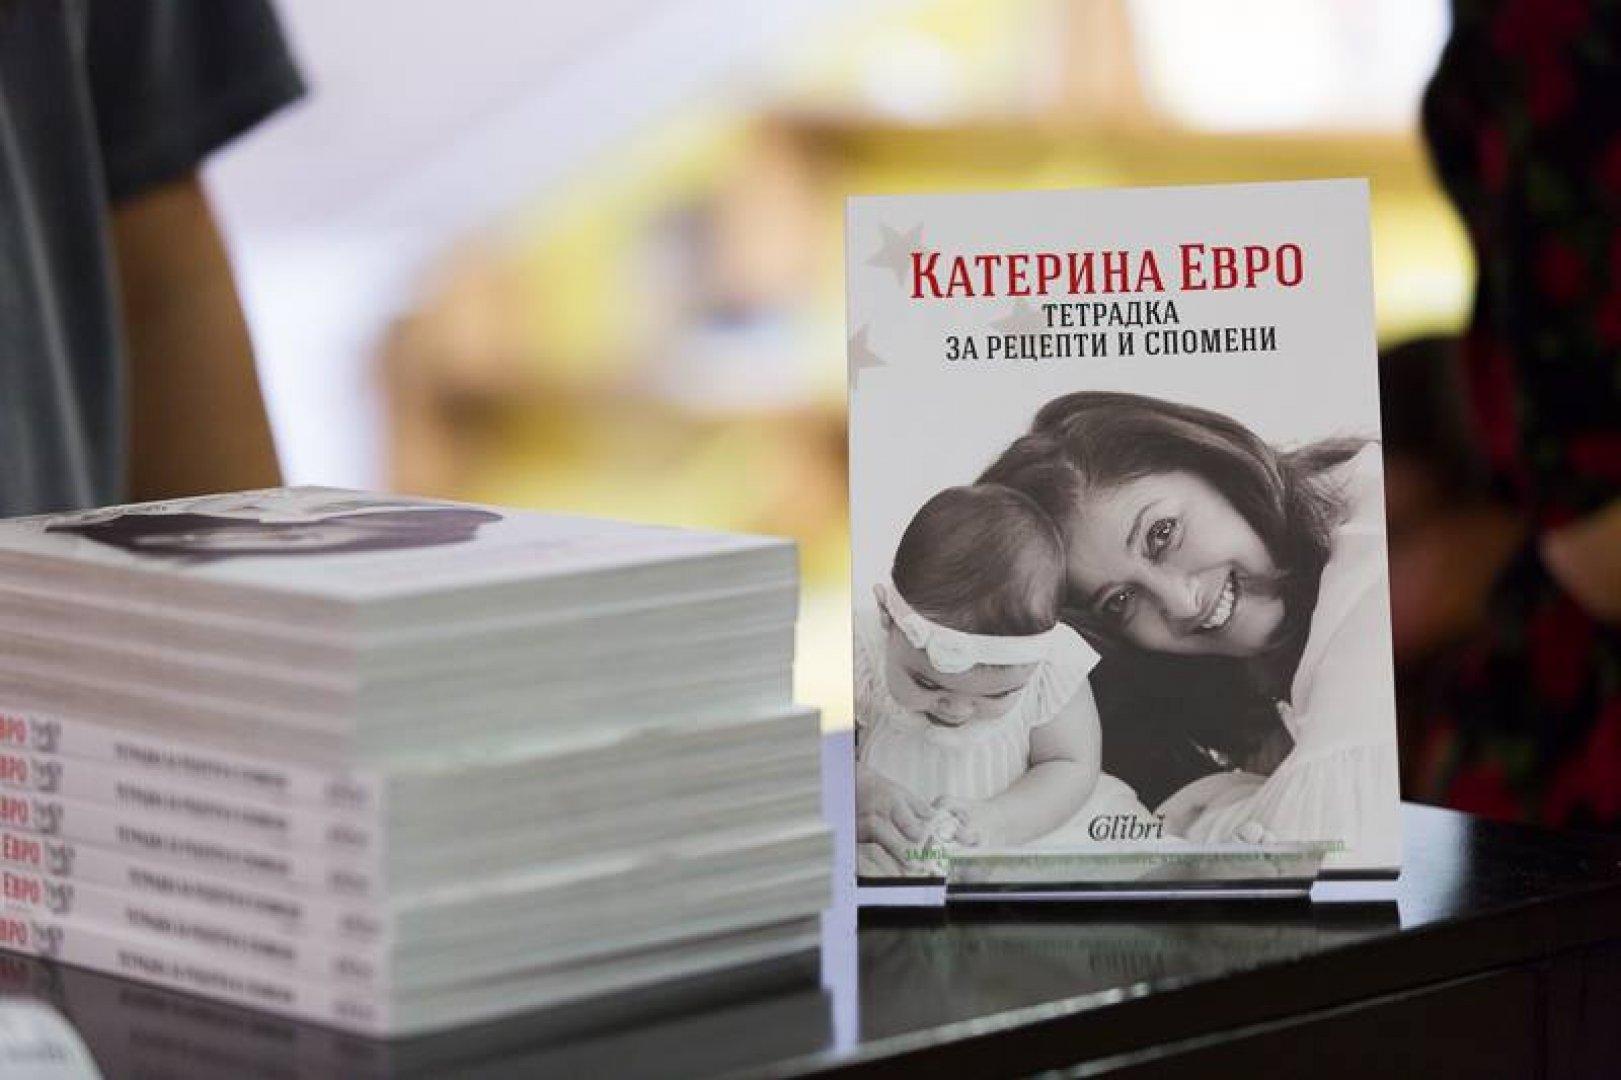 На вечерята в ресторанта в Приморец, Екатерина Евро ще представи и кулинарната си книга